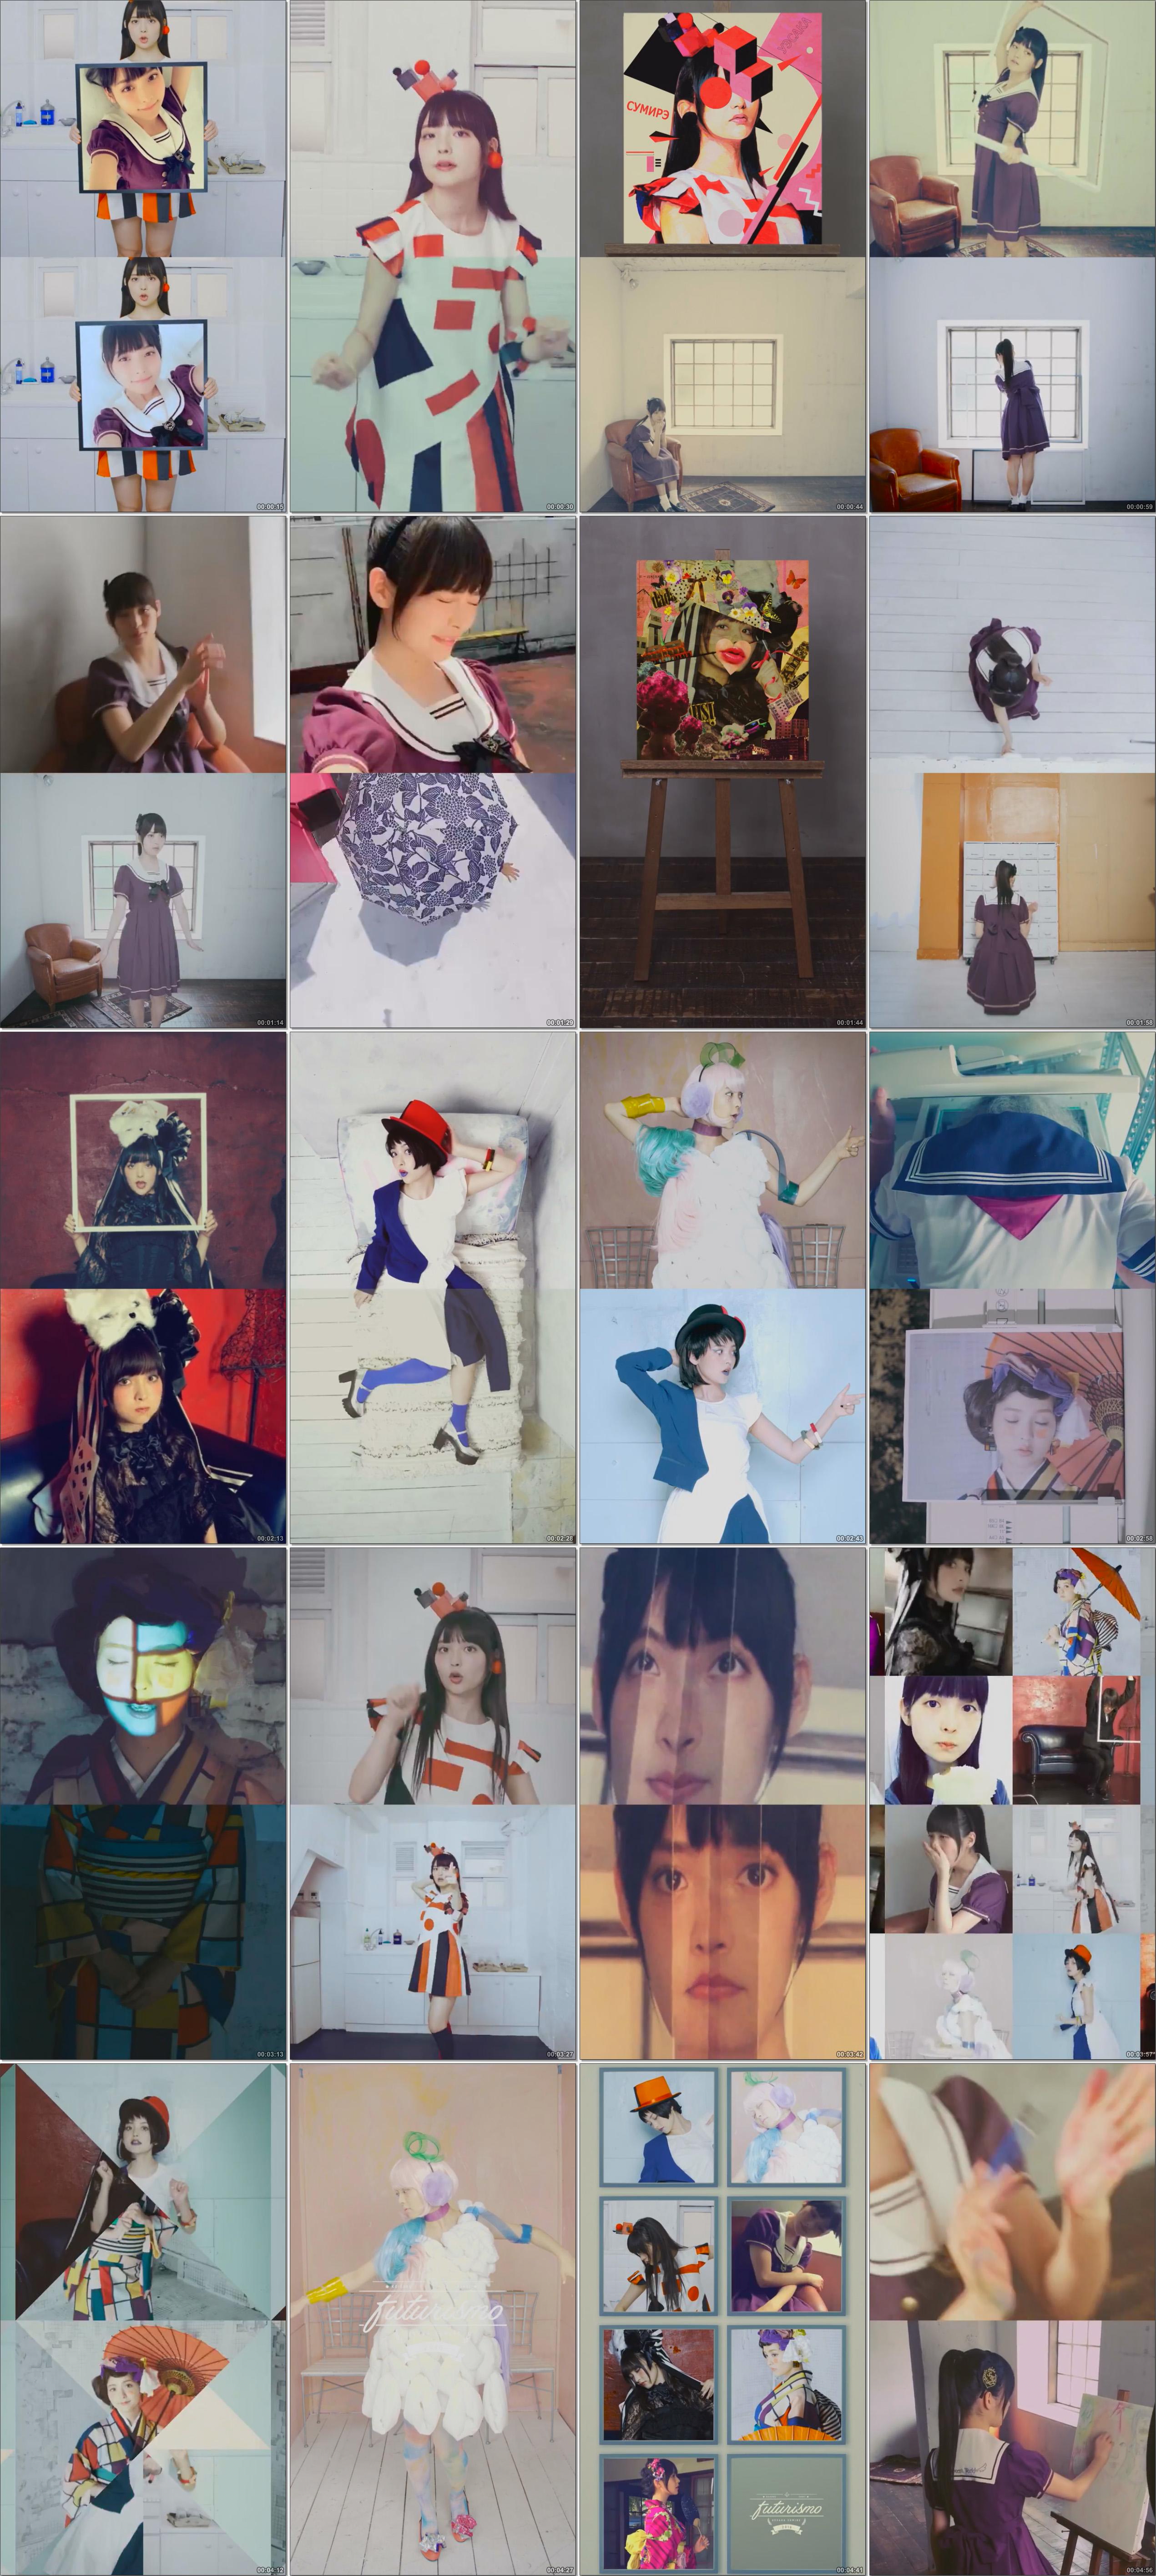 Sumire Uesaka - Koisuru Zukei (cubic futurismo) [2016.08.03]